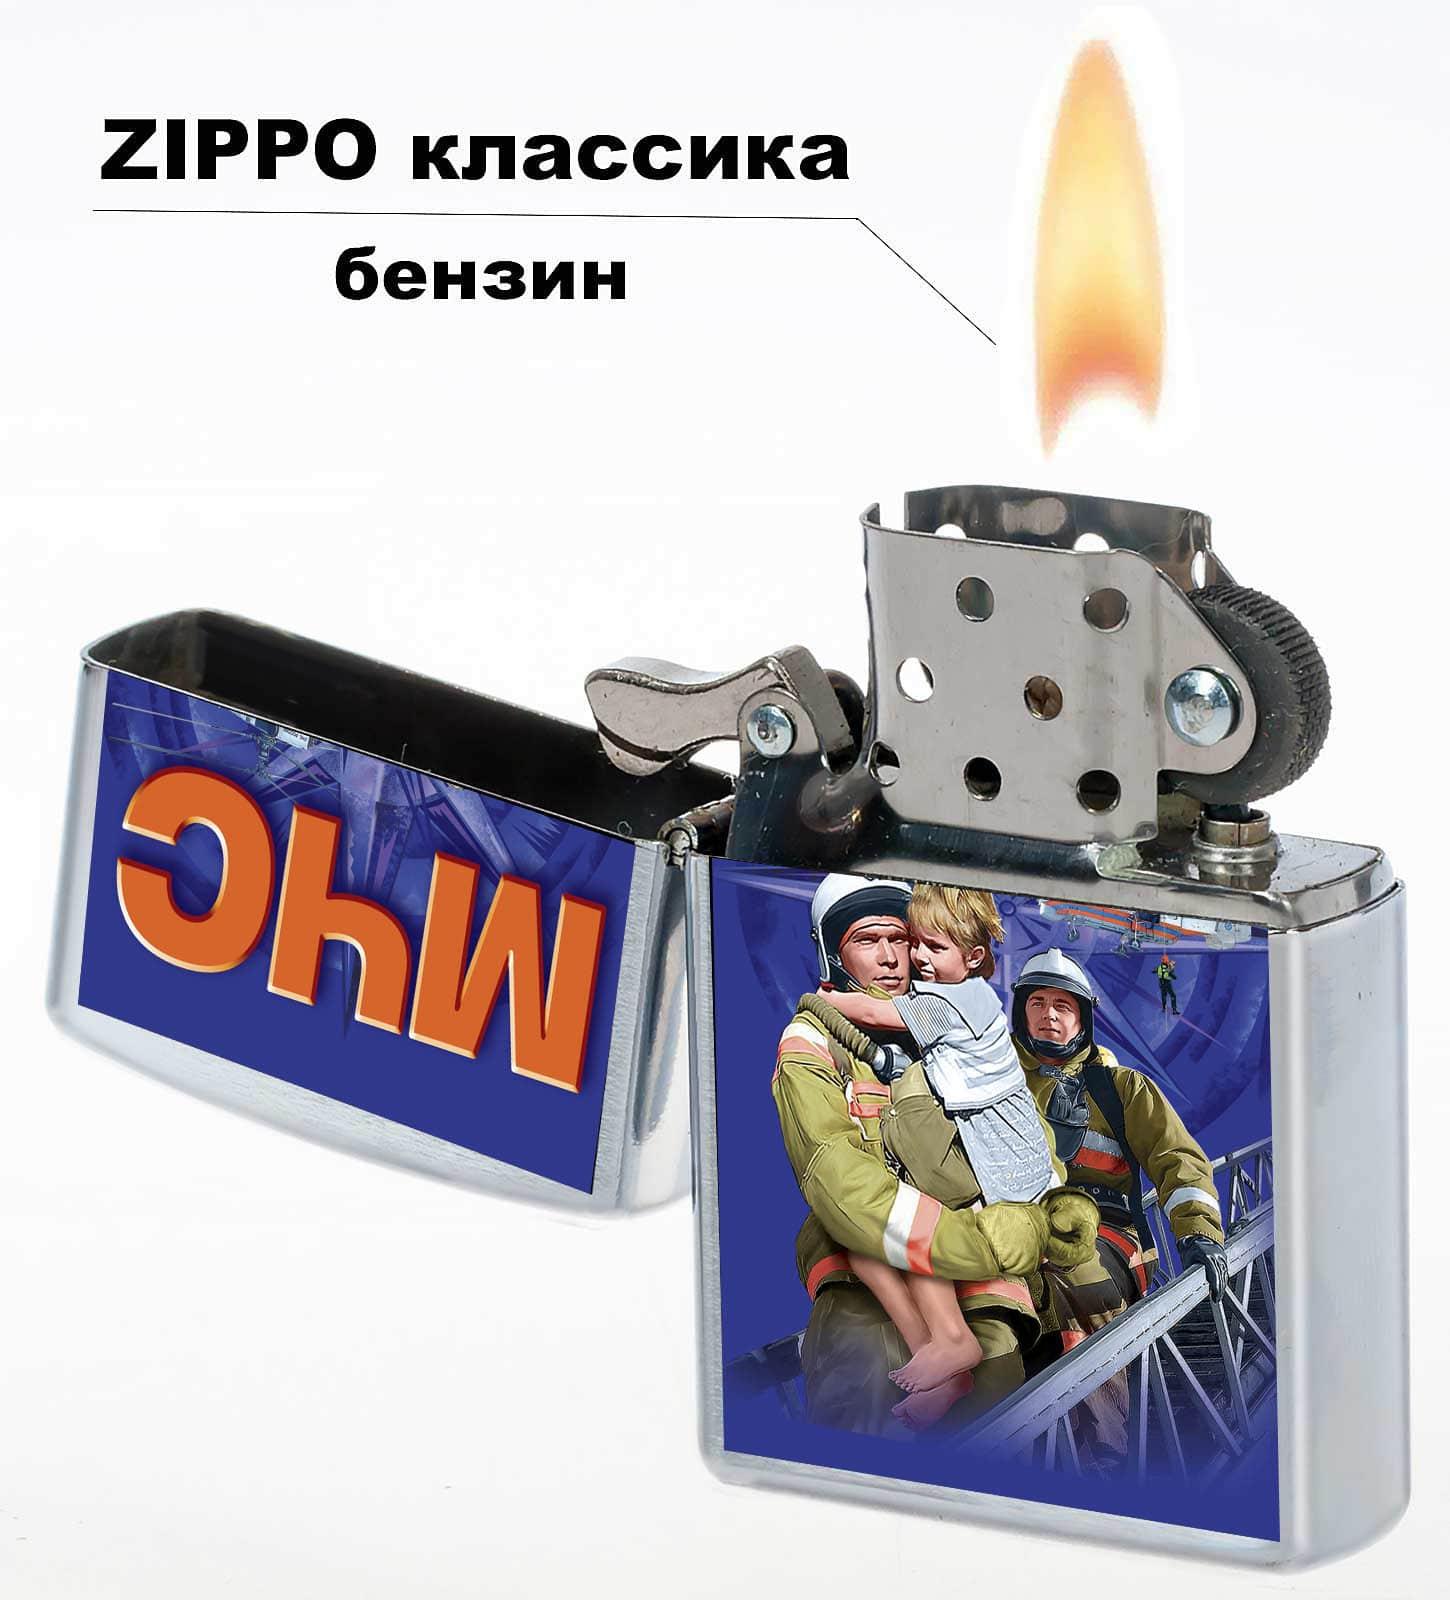 Бензиновая зажигалка МЧС